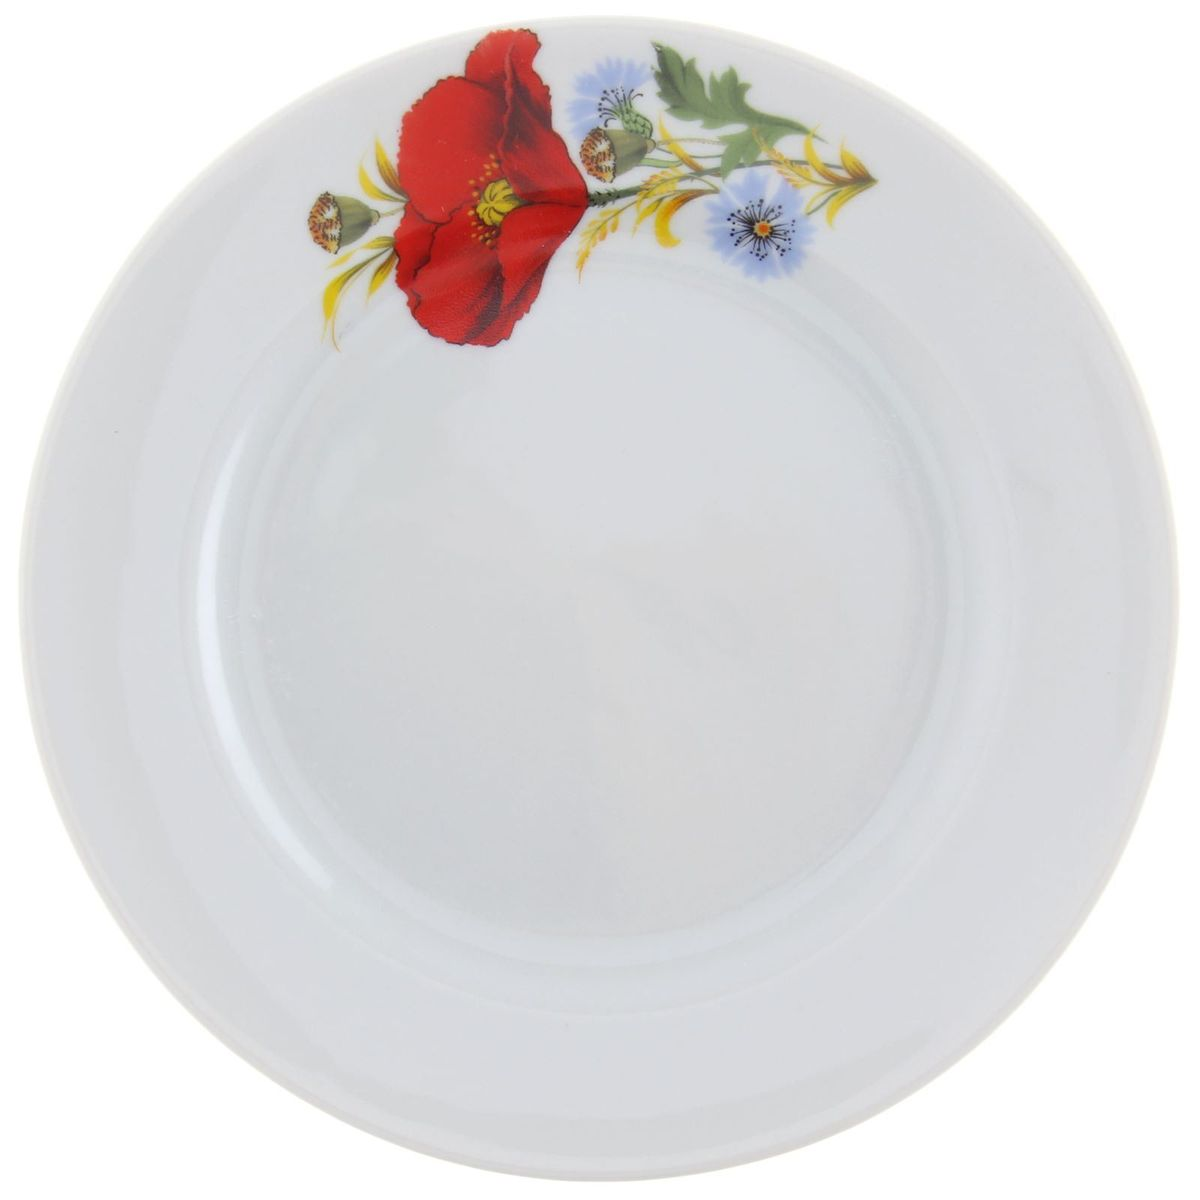 Тарелка мелкая Идиллия. Маки красные, диаметр 17 см1303876Мелкая тарелка Идиллия. Маки красные выполнена из высококачественного фарфора и украшена ярким цветочным рисунком. Она прекрасно впишется в интерьер вашей кухни и станет достойным дополнением к кухонному инвентарю. Тарелка Идиллия. Маки красные подчеркнет прекрасный вкус хозяйки и станет отличным подарком. Диаметр тарелки: 17 см.